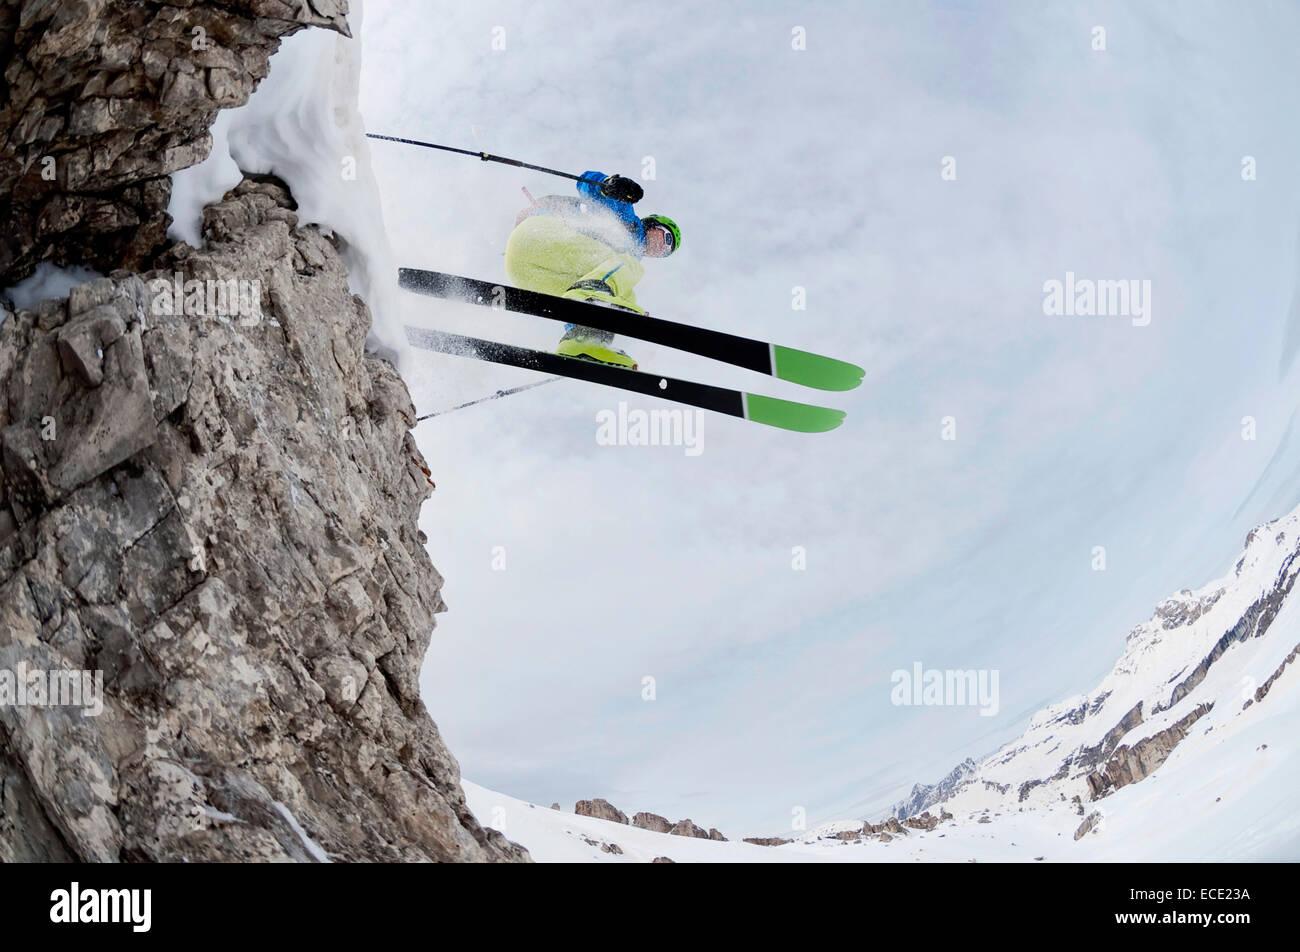 Man skiing downhill, Santa Cristina, Valgardena, Alto Adige, Italy - Stock Image